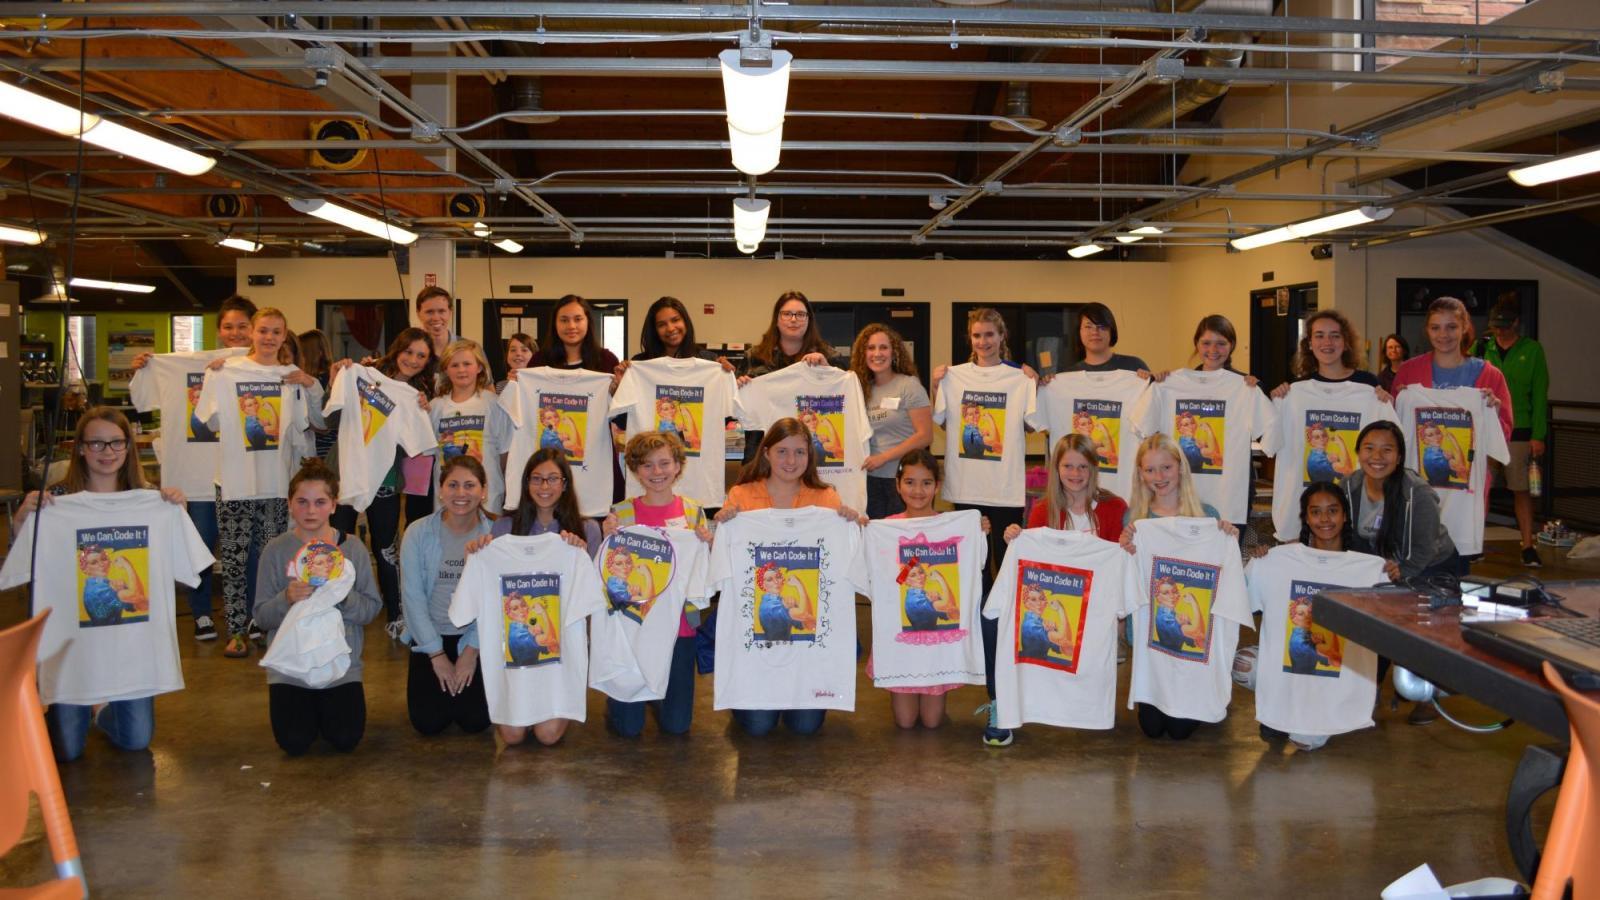 Women empowerment photo